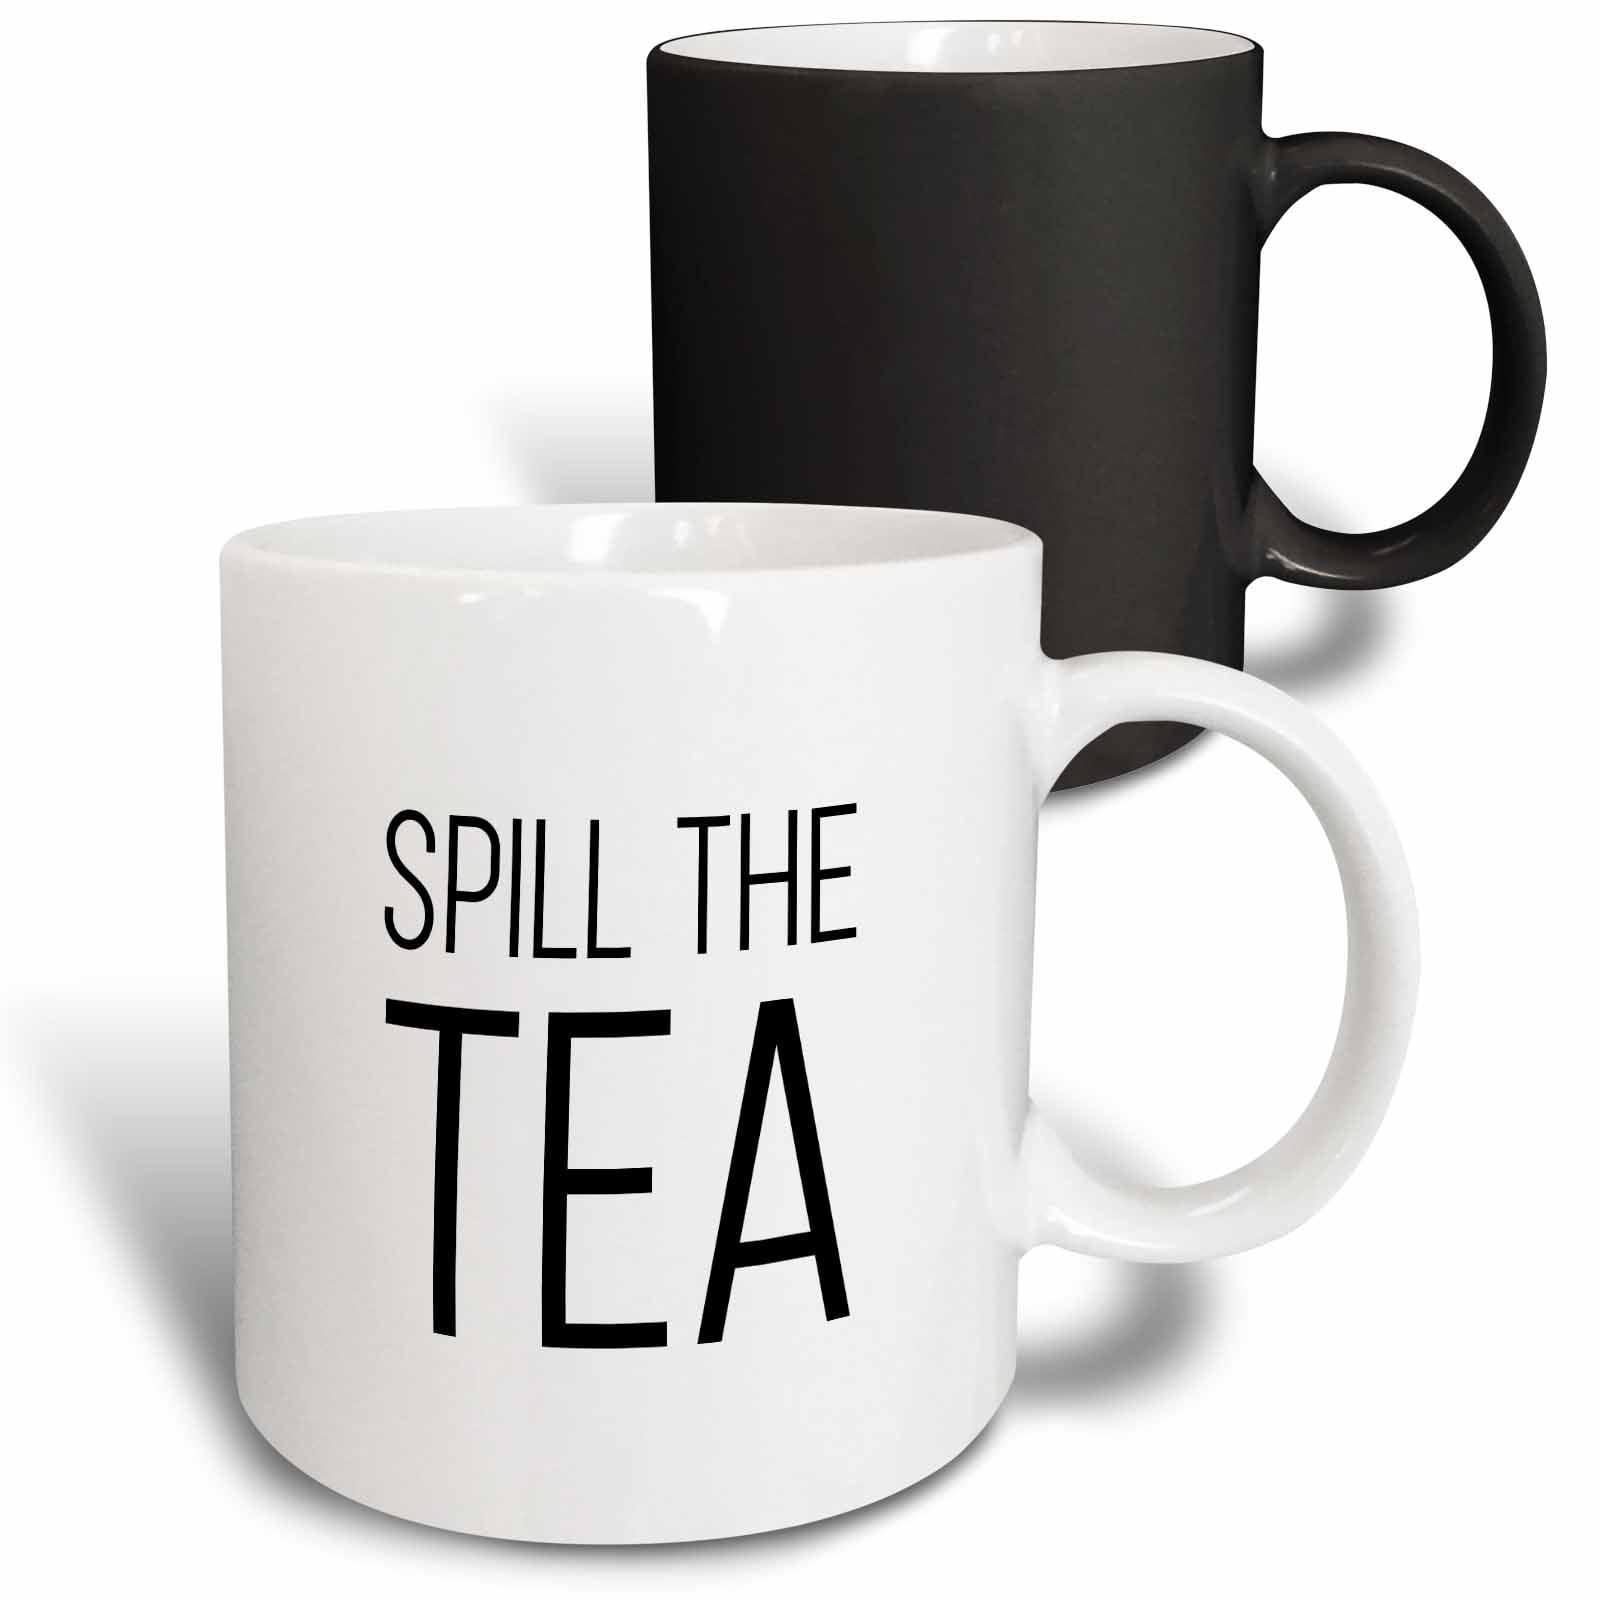 3drose Spill The Tea Magic Transforming Mug 11 Ounce Walmart Com Walmart Com